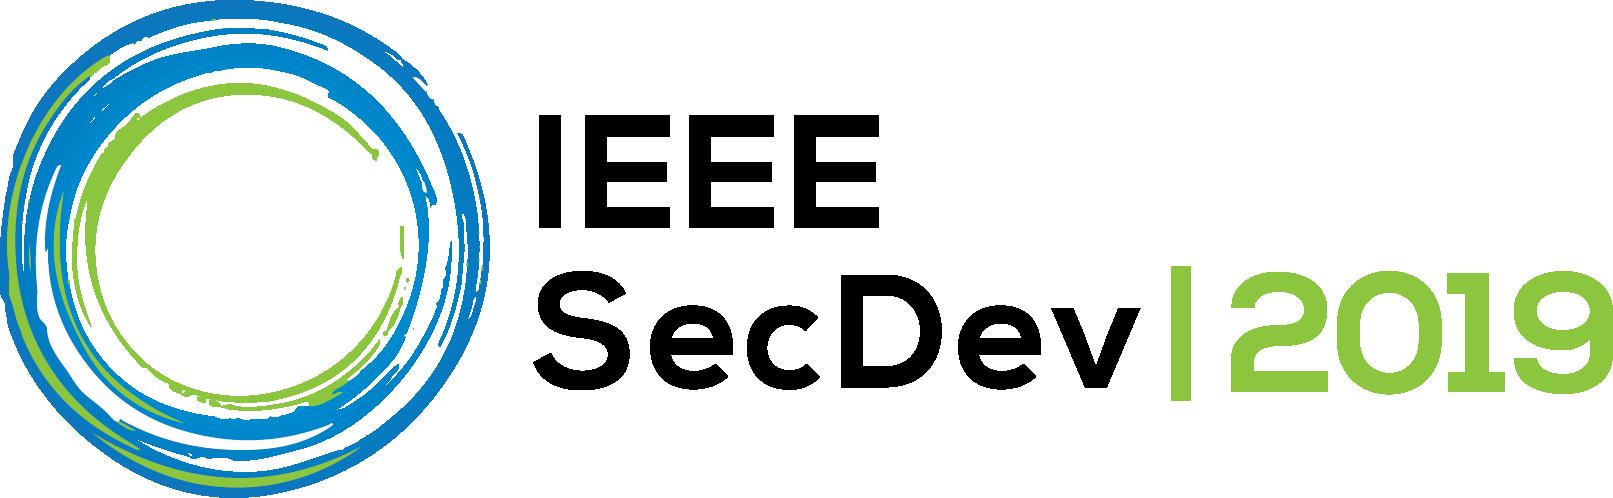 SECDev19_logo.png